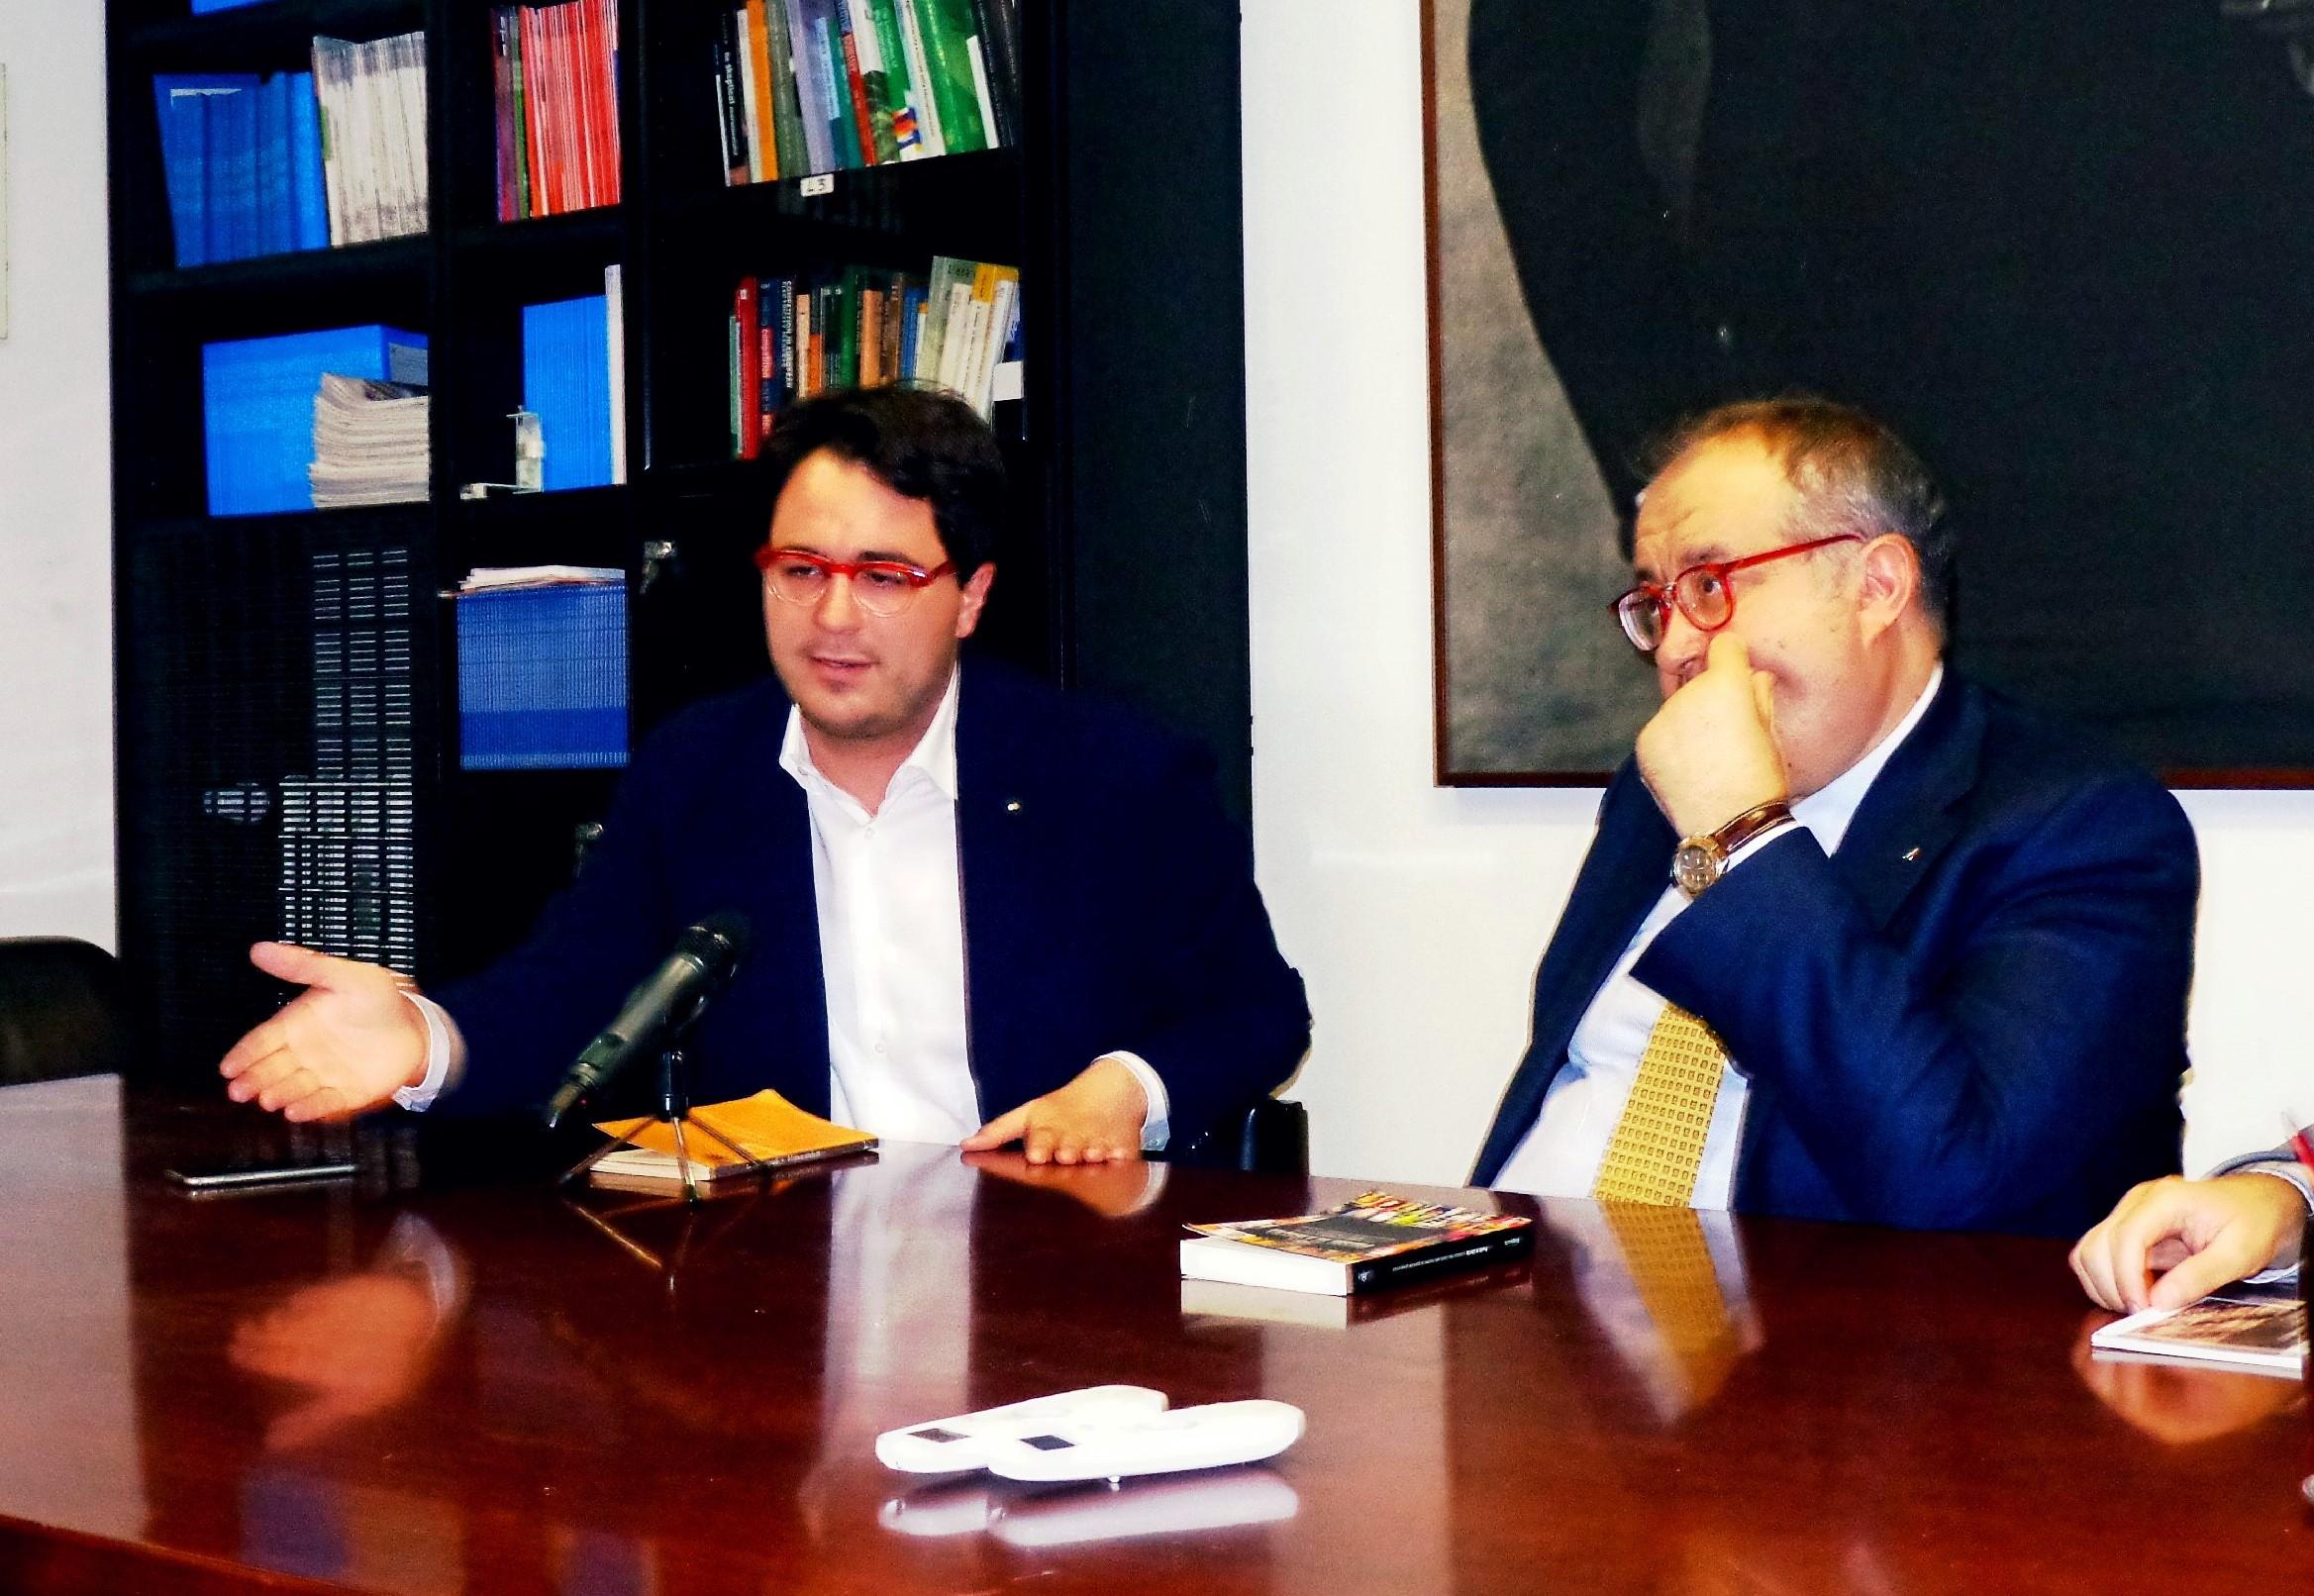 Luigi Einaudi e la sua visione politica